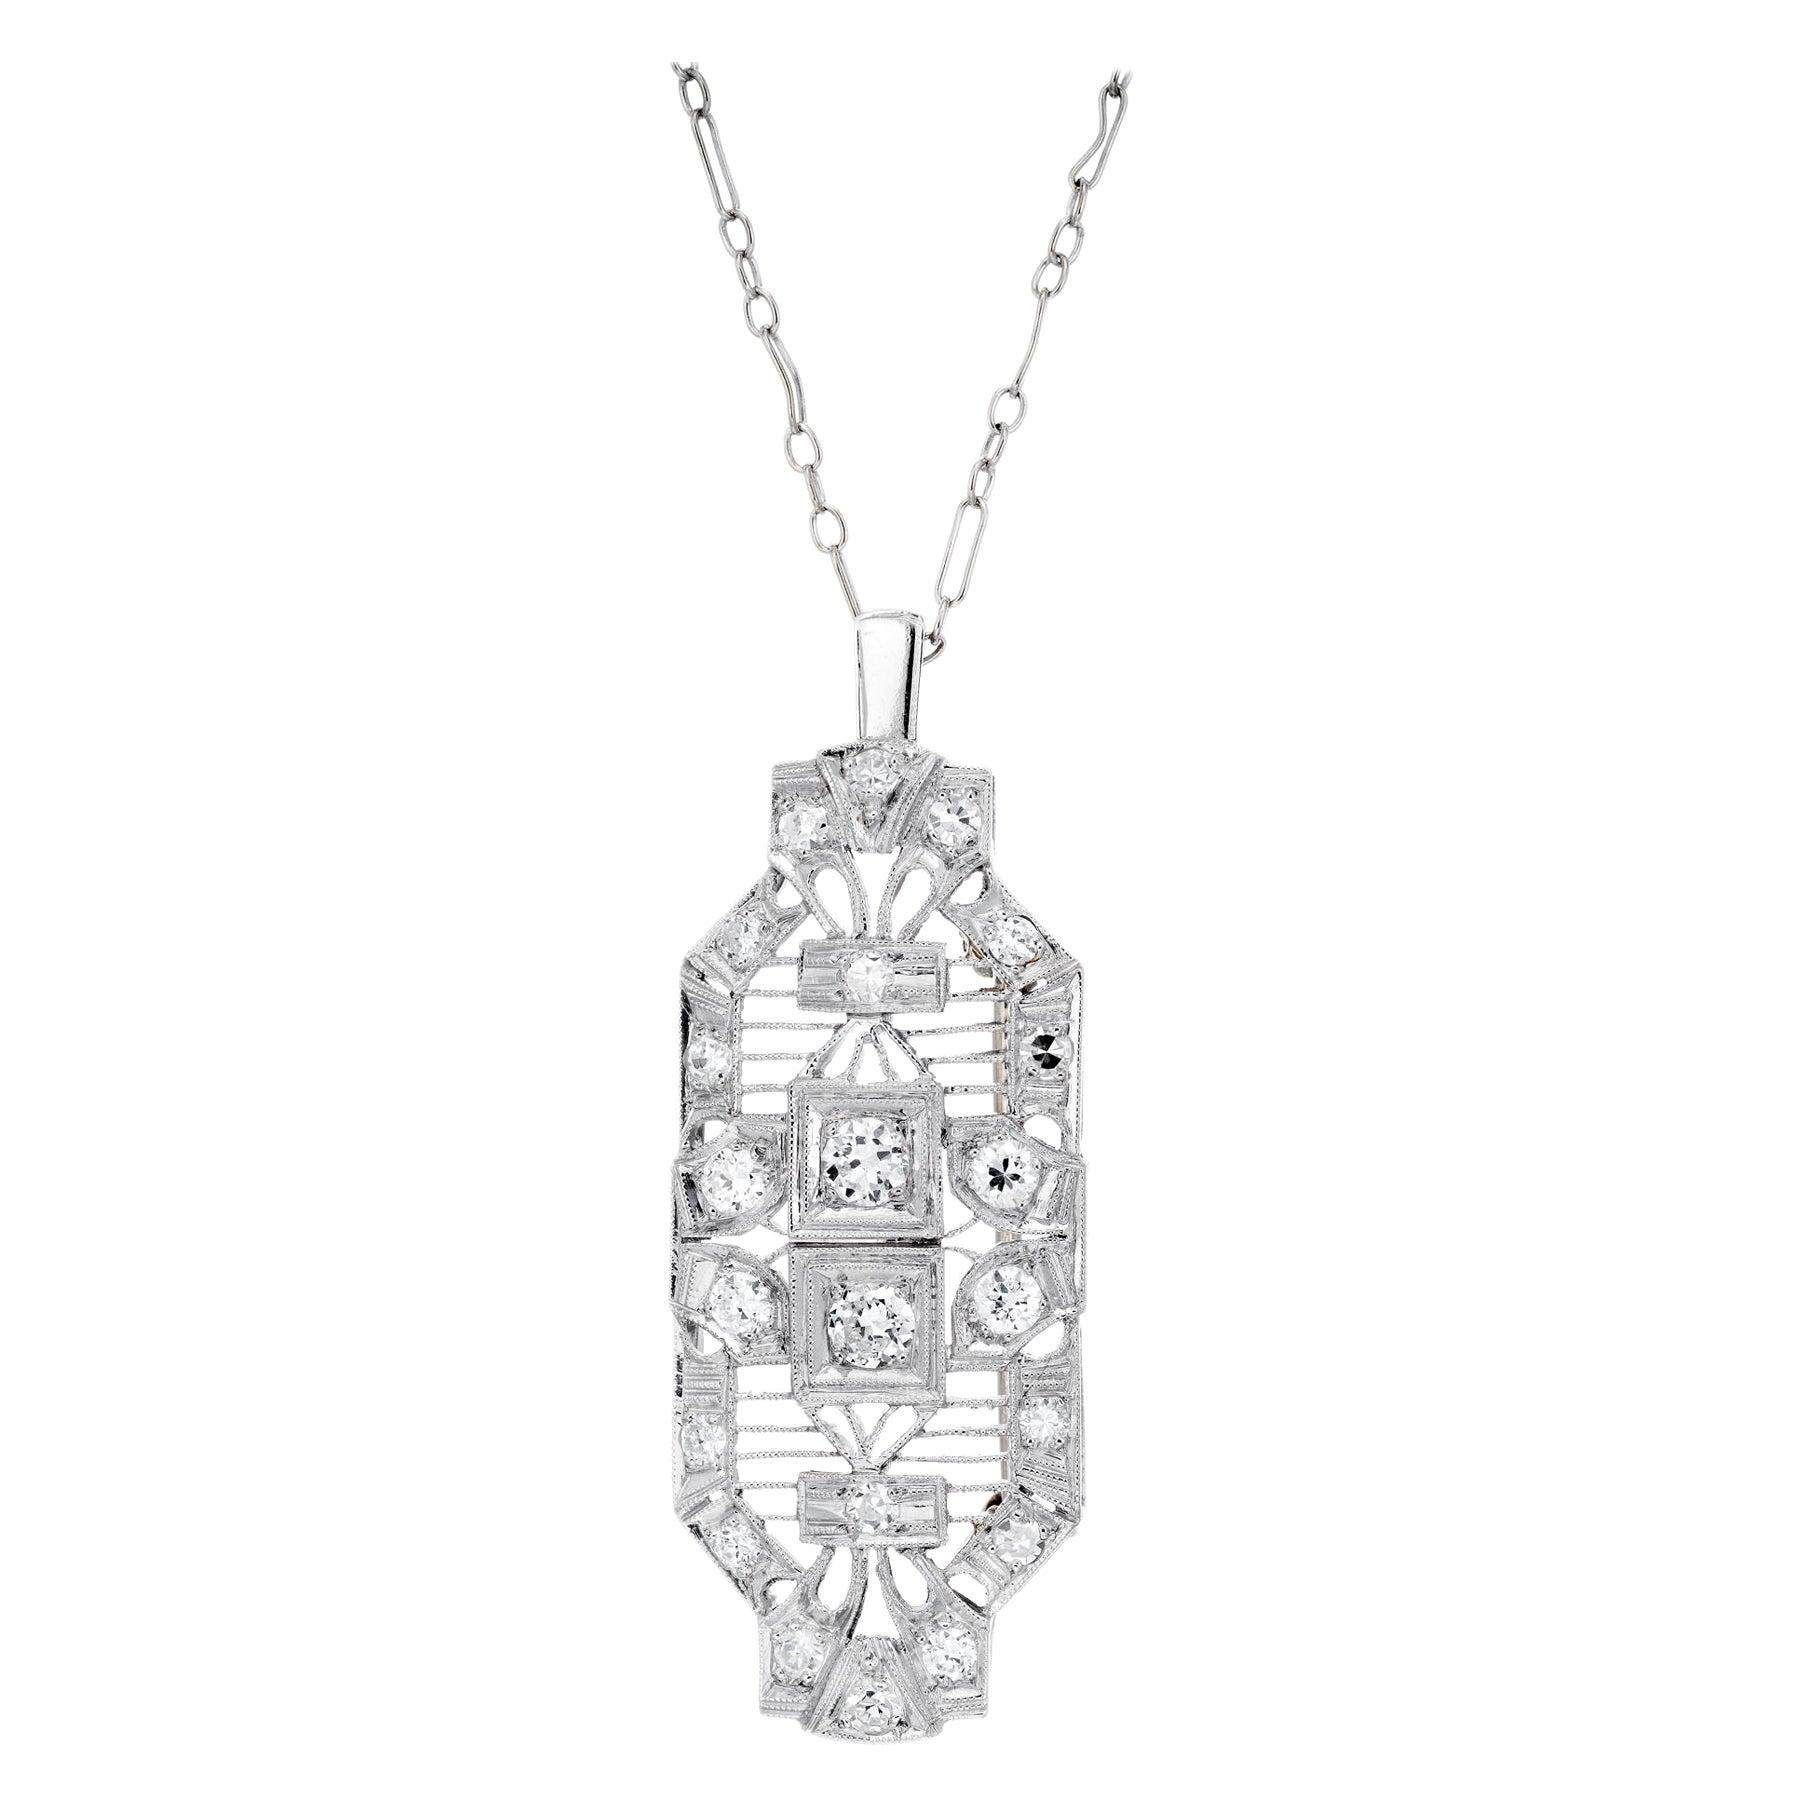 Art Deco 1.04 Carat Diamond Platinum Brooch Pendant Necklace